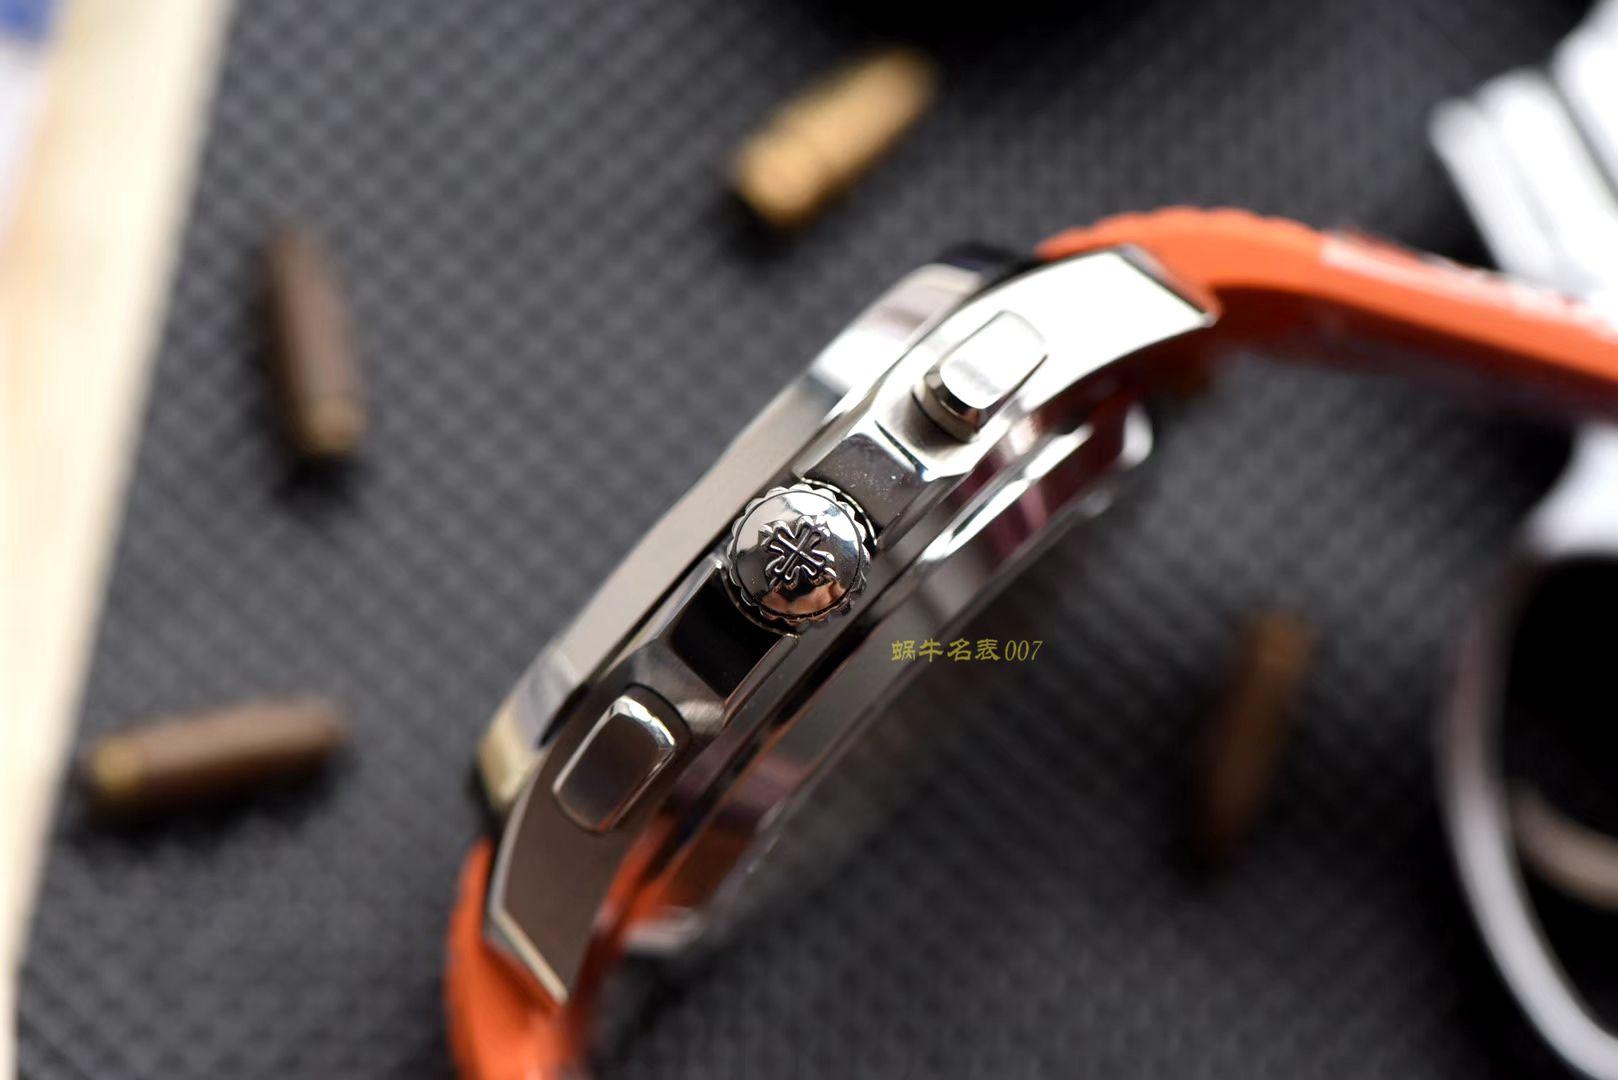 百达翡丽AQUANAUT系列5968A-001计时腕表【YL一比一超A精仿】 / BD238